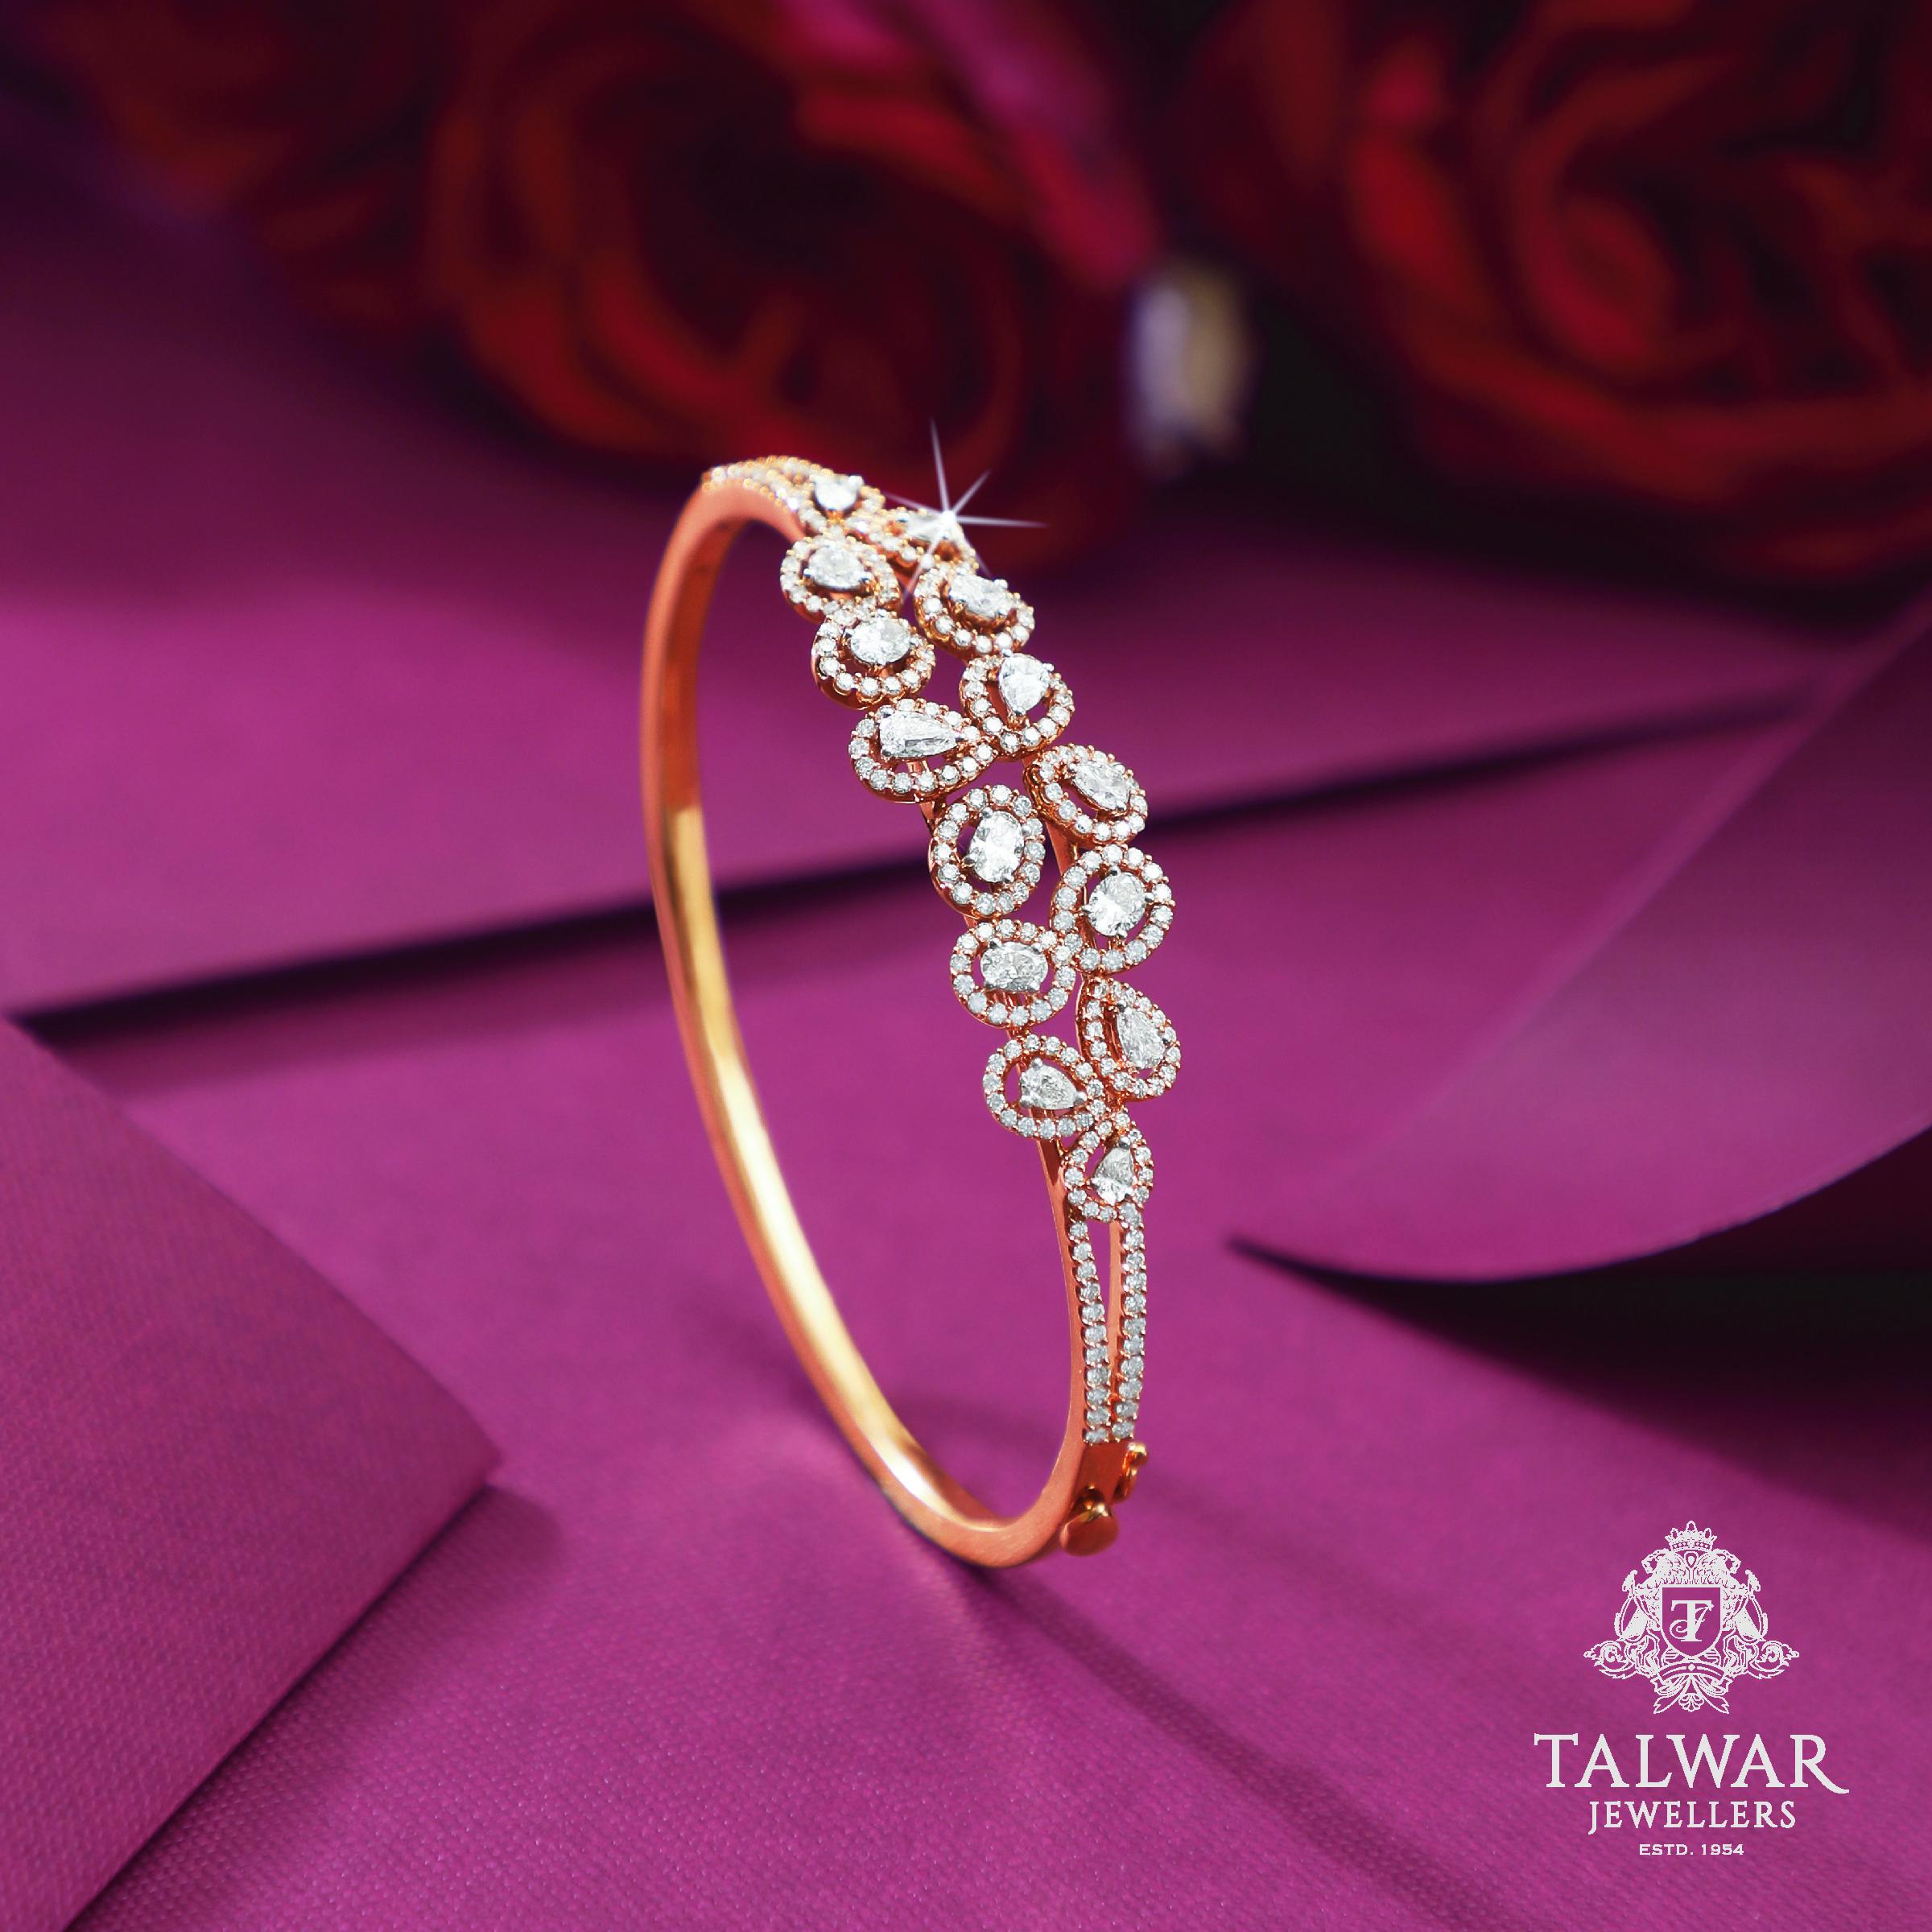 Pin by Arun BENGANI on Bracelets and bangles | Pinterest | Bangle ...